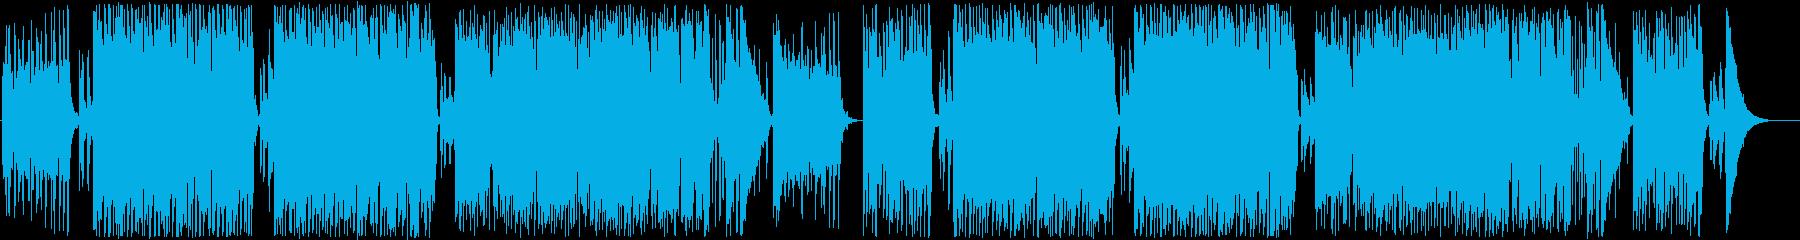 おしゃれでキュートなフレンチポップの再生済みの波形